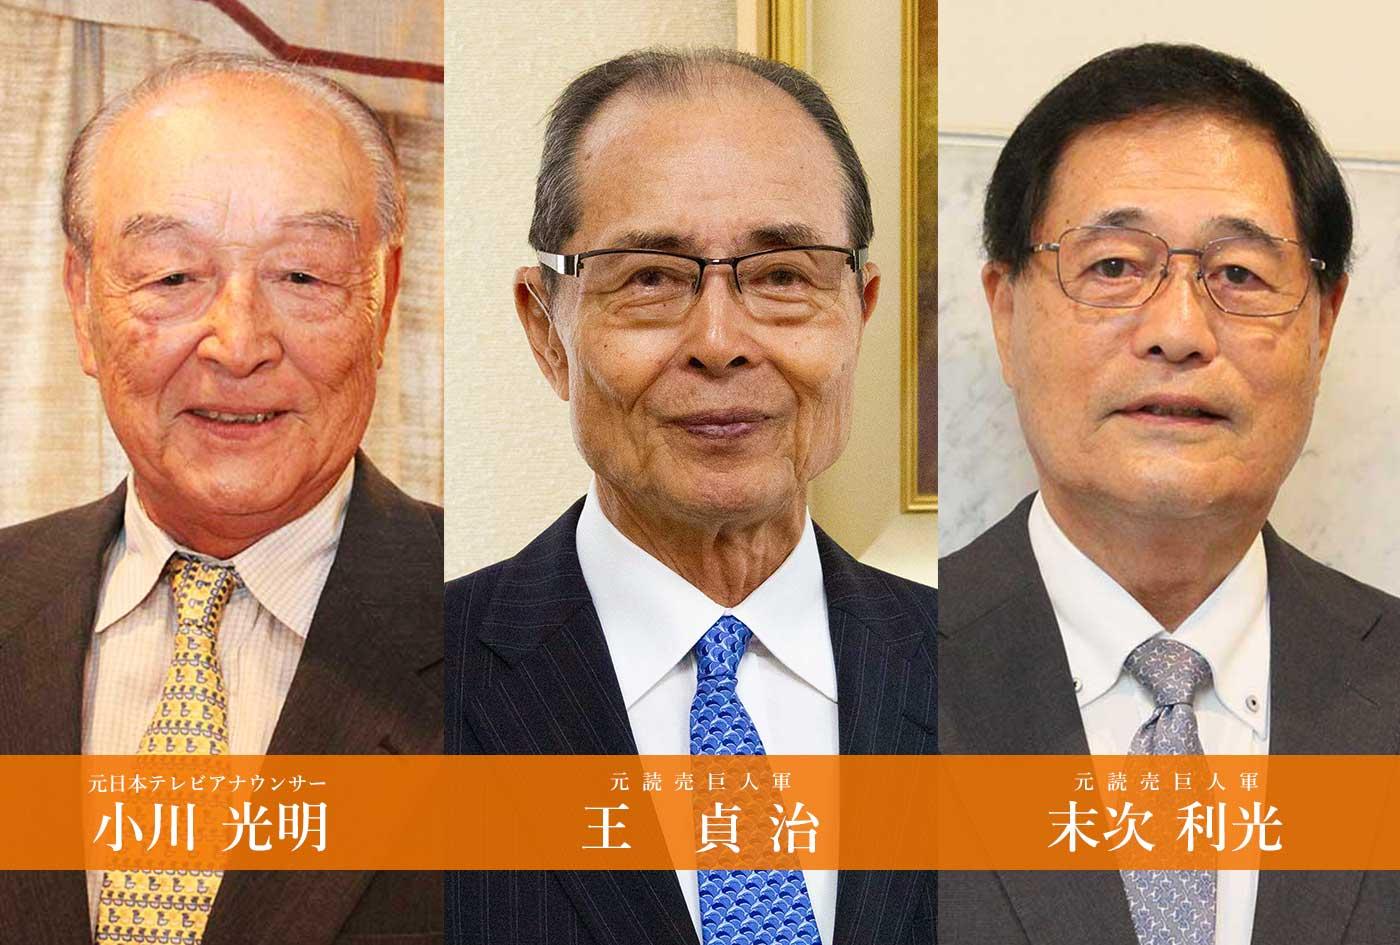 川上哲治生誕100年記念|イベント|1208トークショーヘッダー